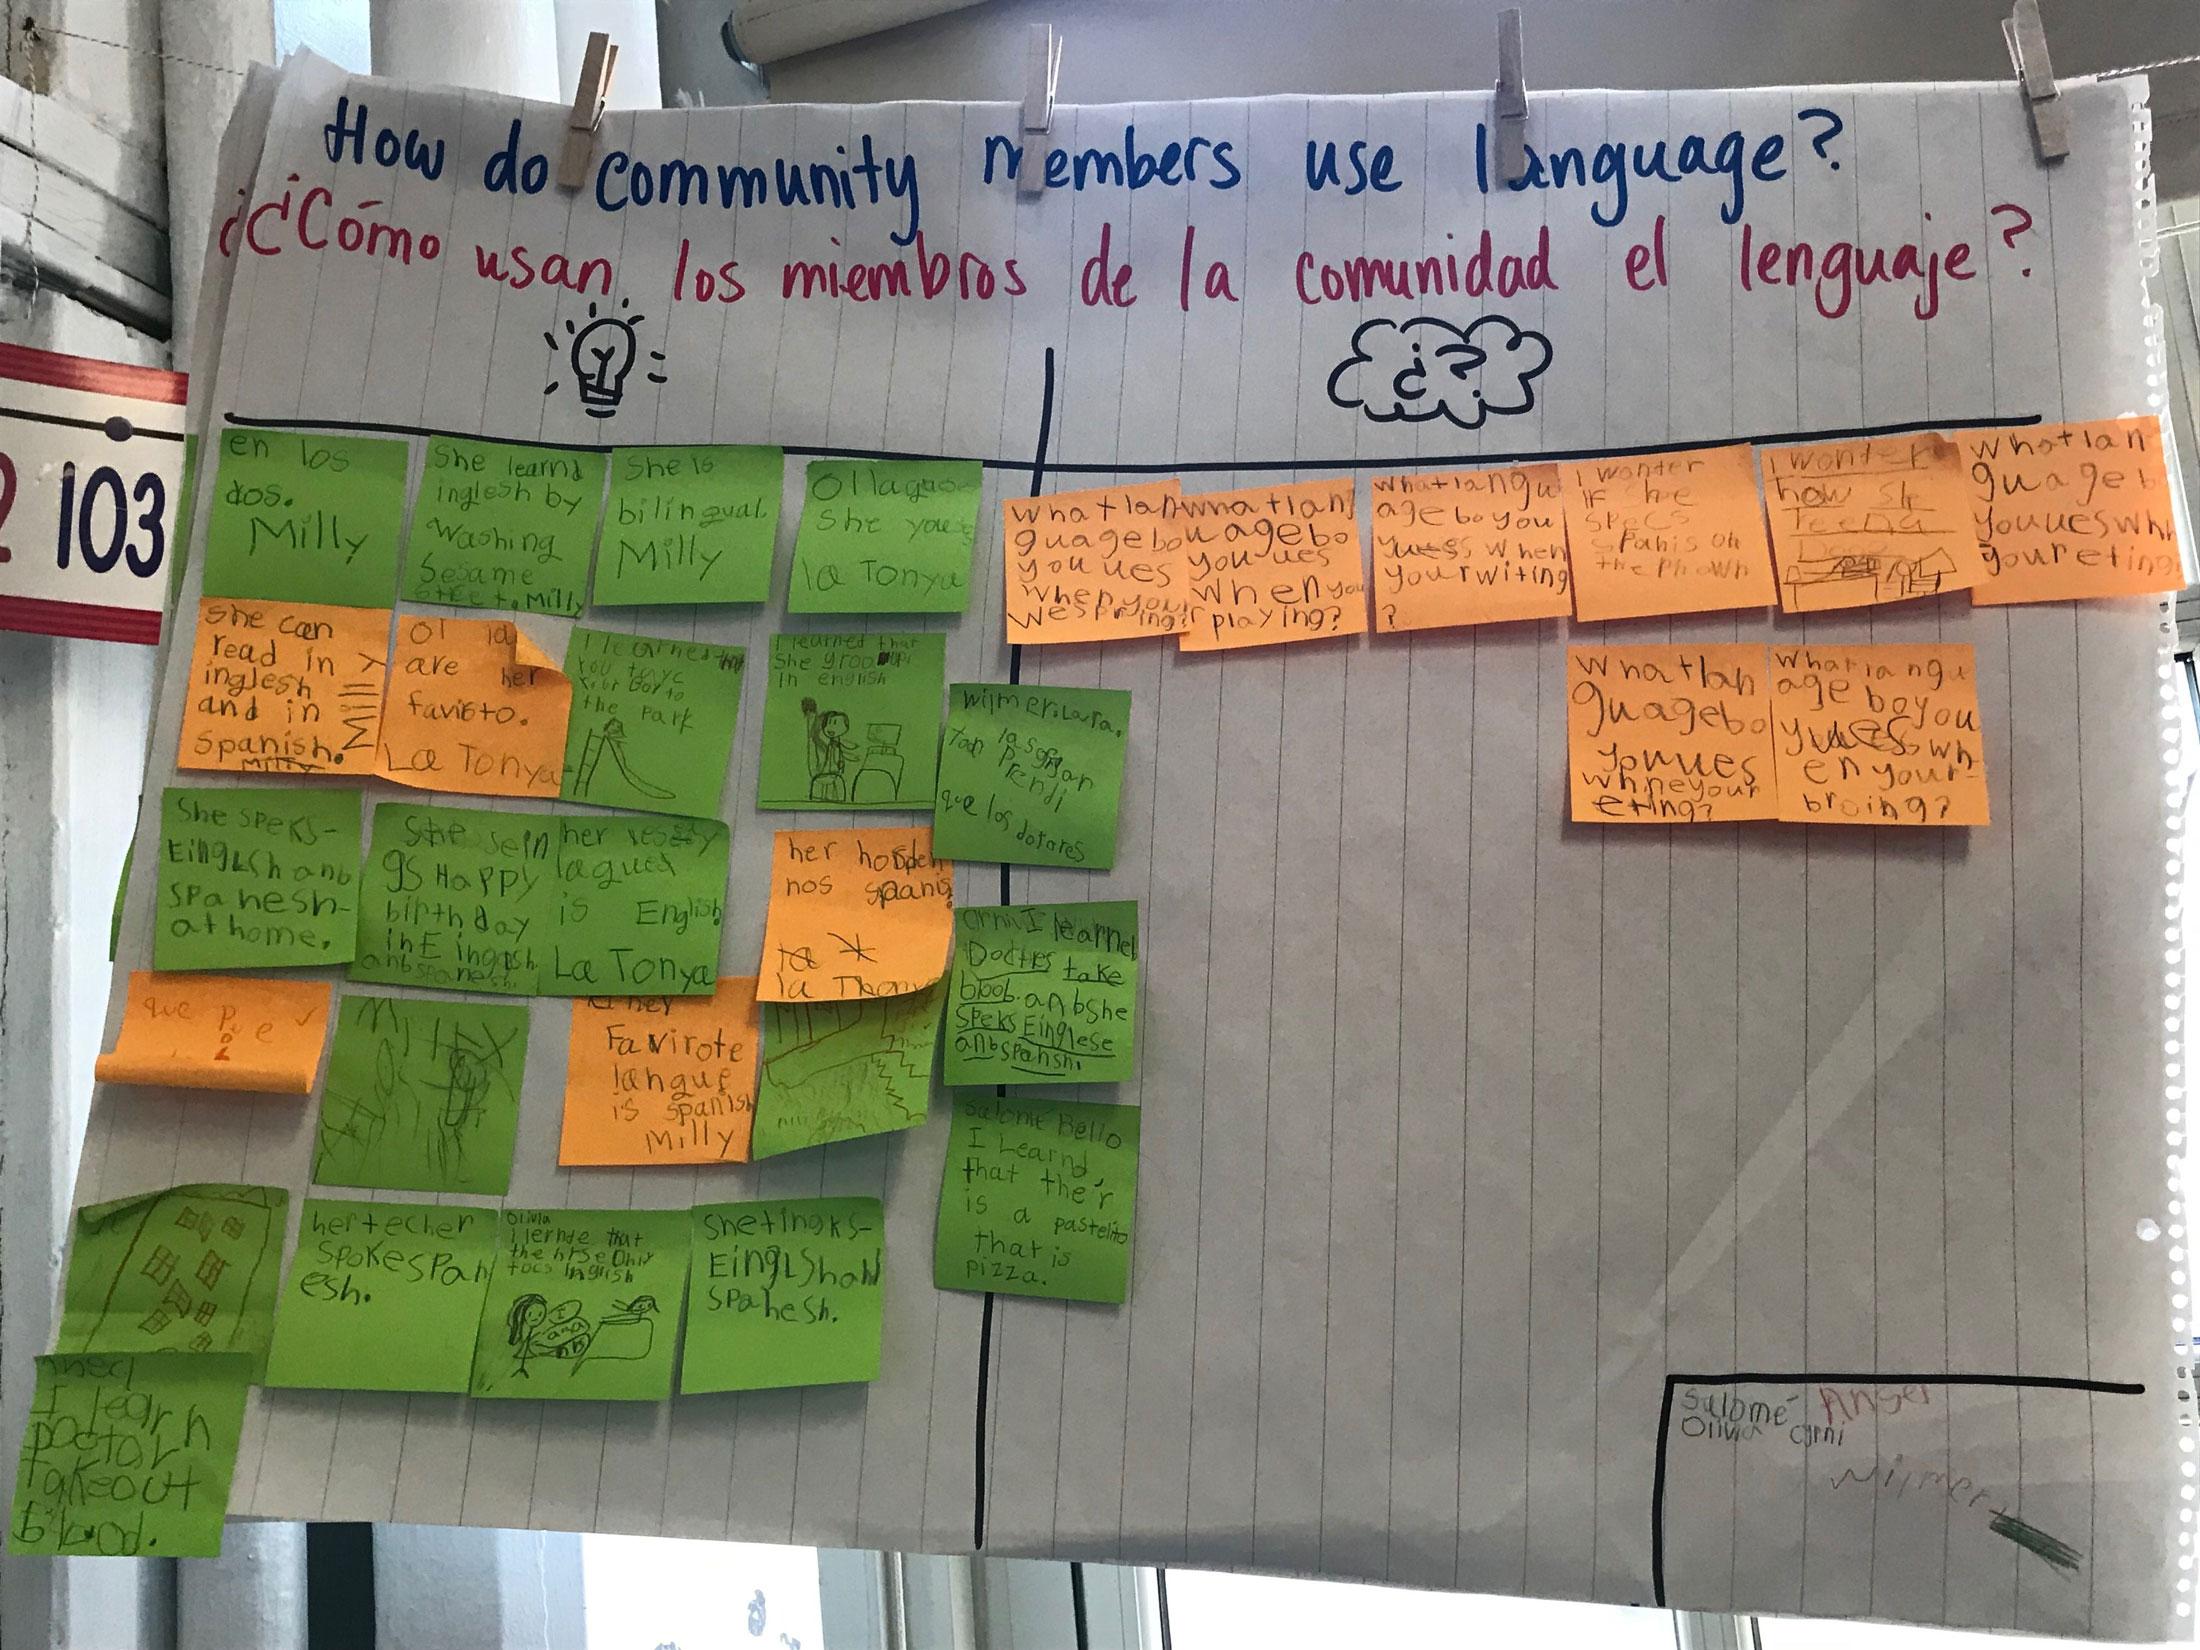 How do community members use language? ¿Cómo usan los miembros de la comunidad el lenguaje?